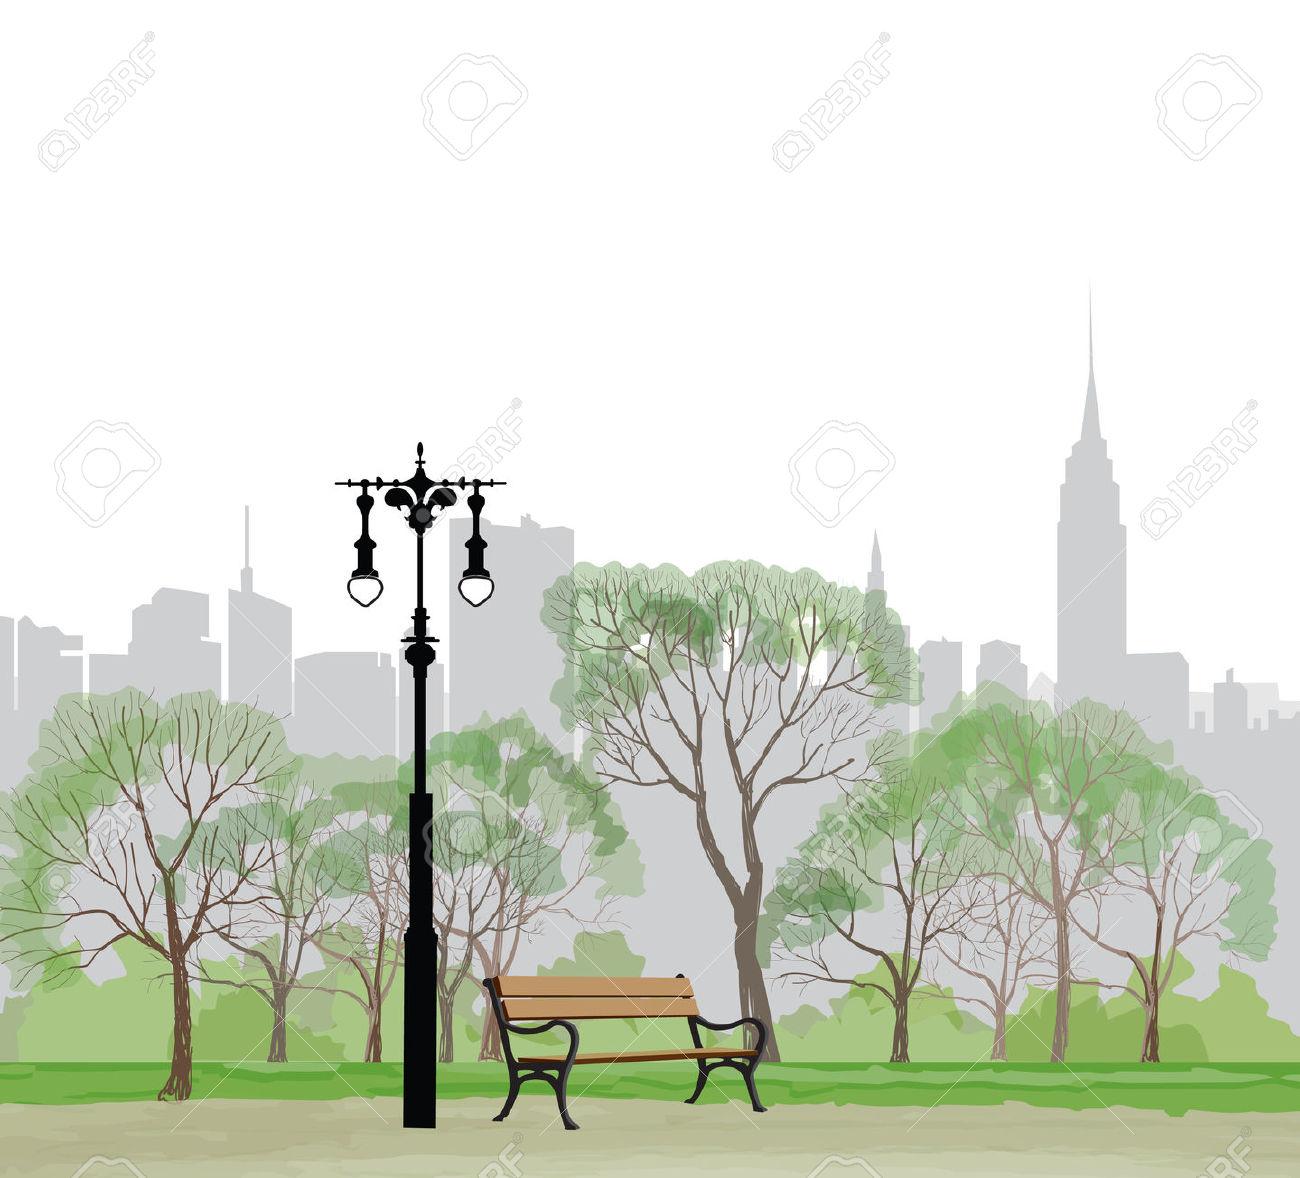 Central park clipart.